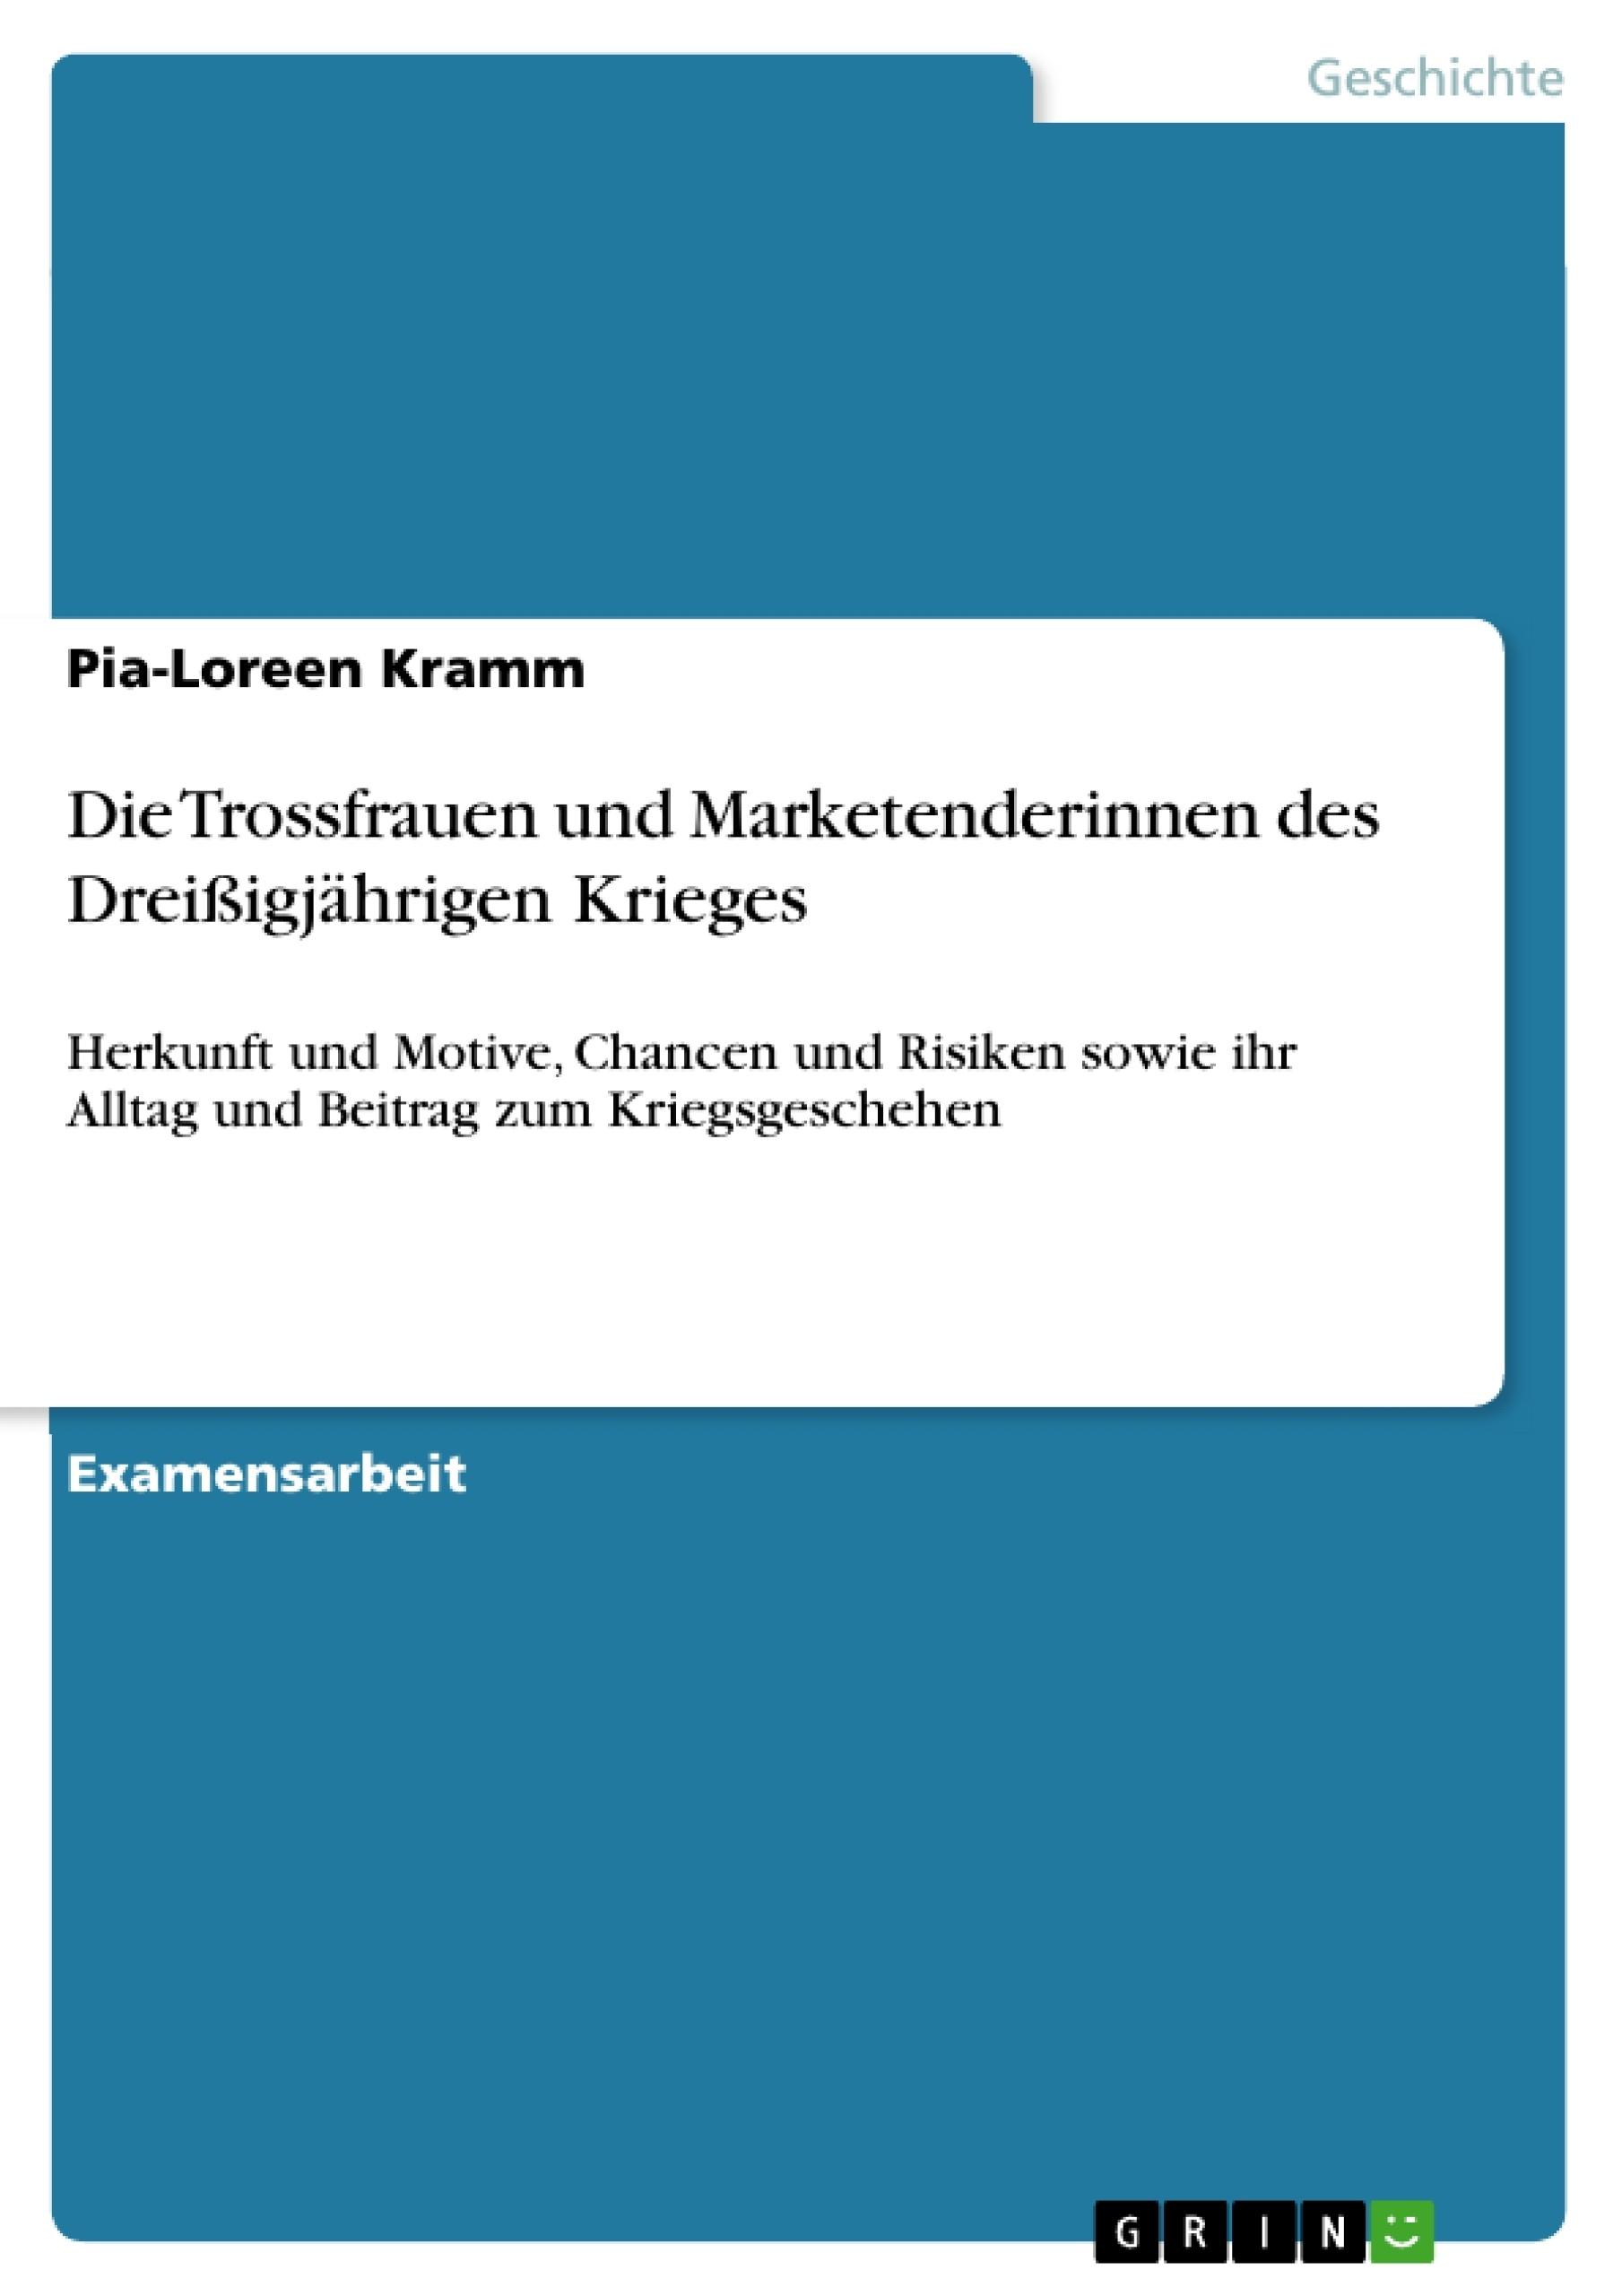 Titel: Die Trossfrauen und Marketenderinnen des Dreißigjährigen Krieges